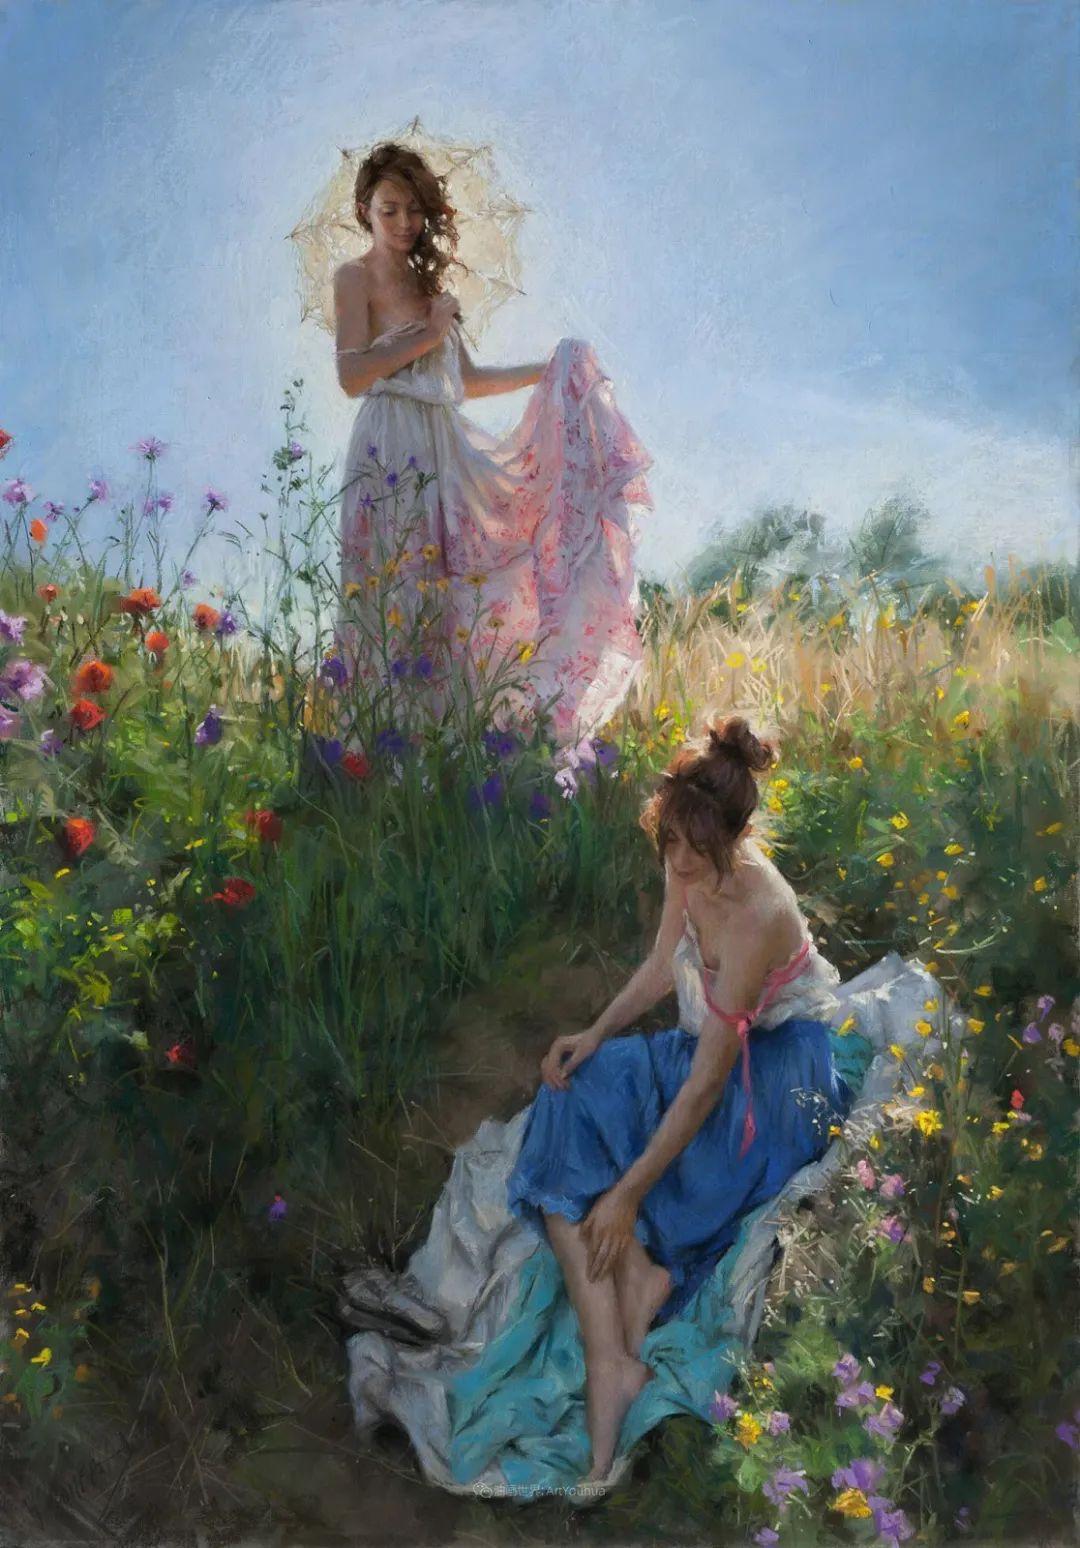 地中海暖阳下,穿裙的女子,浪漫美丽!插图